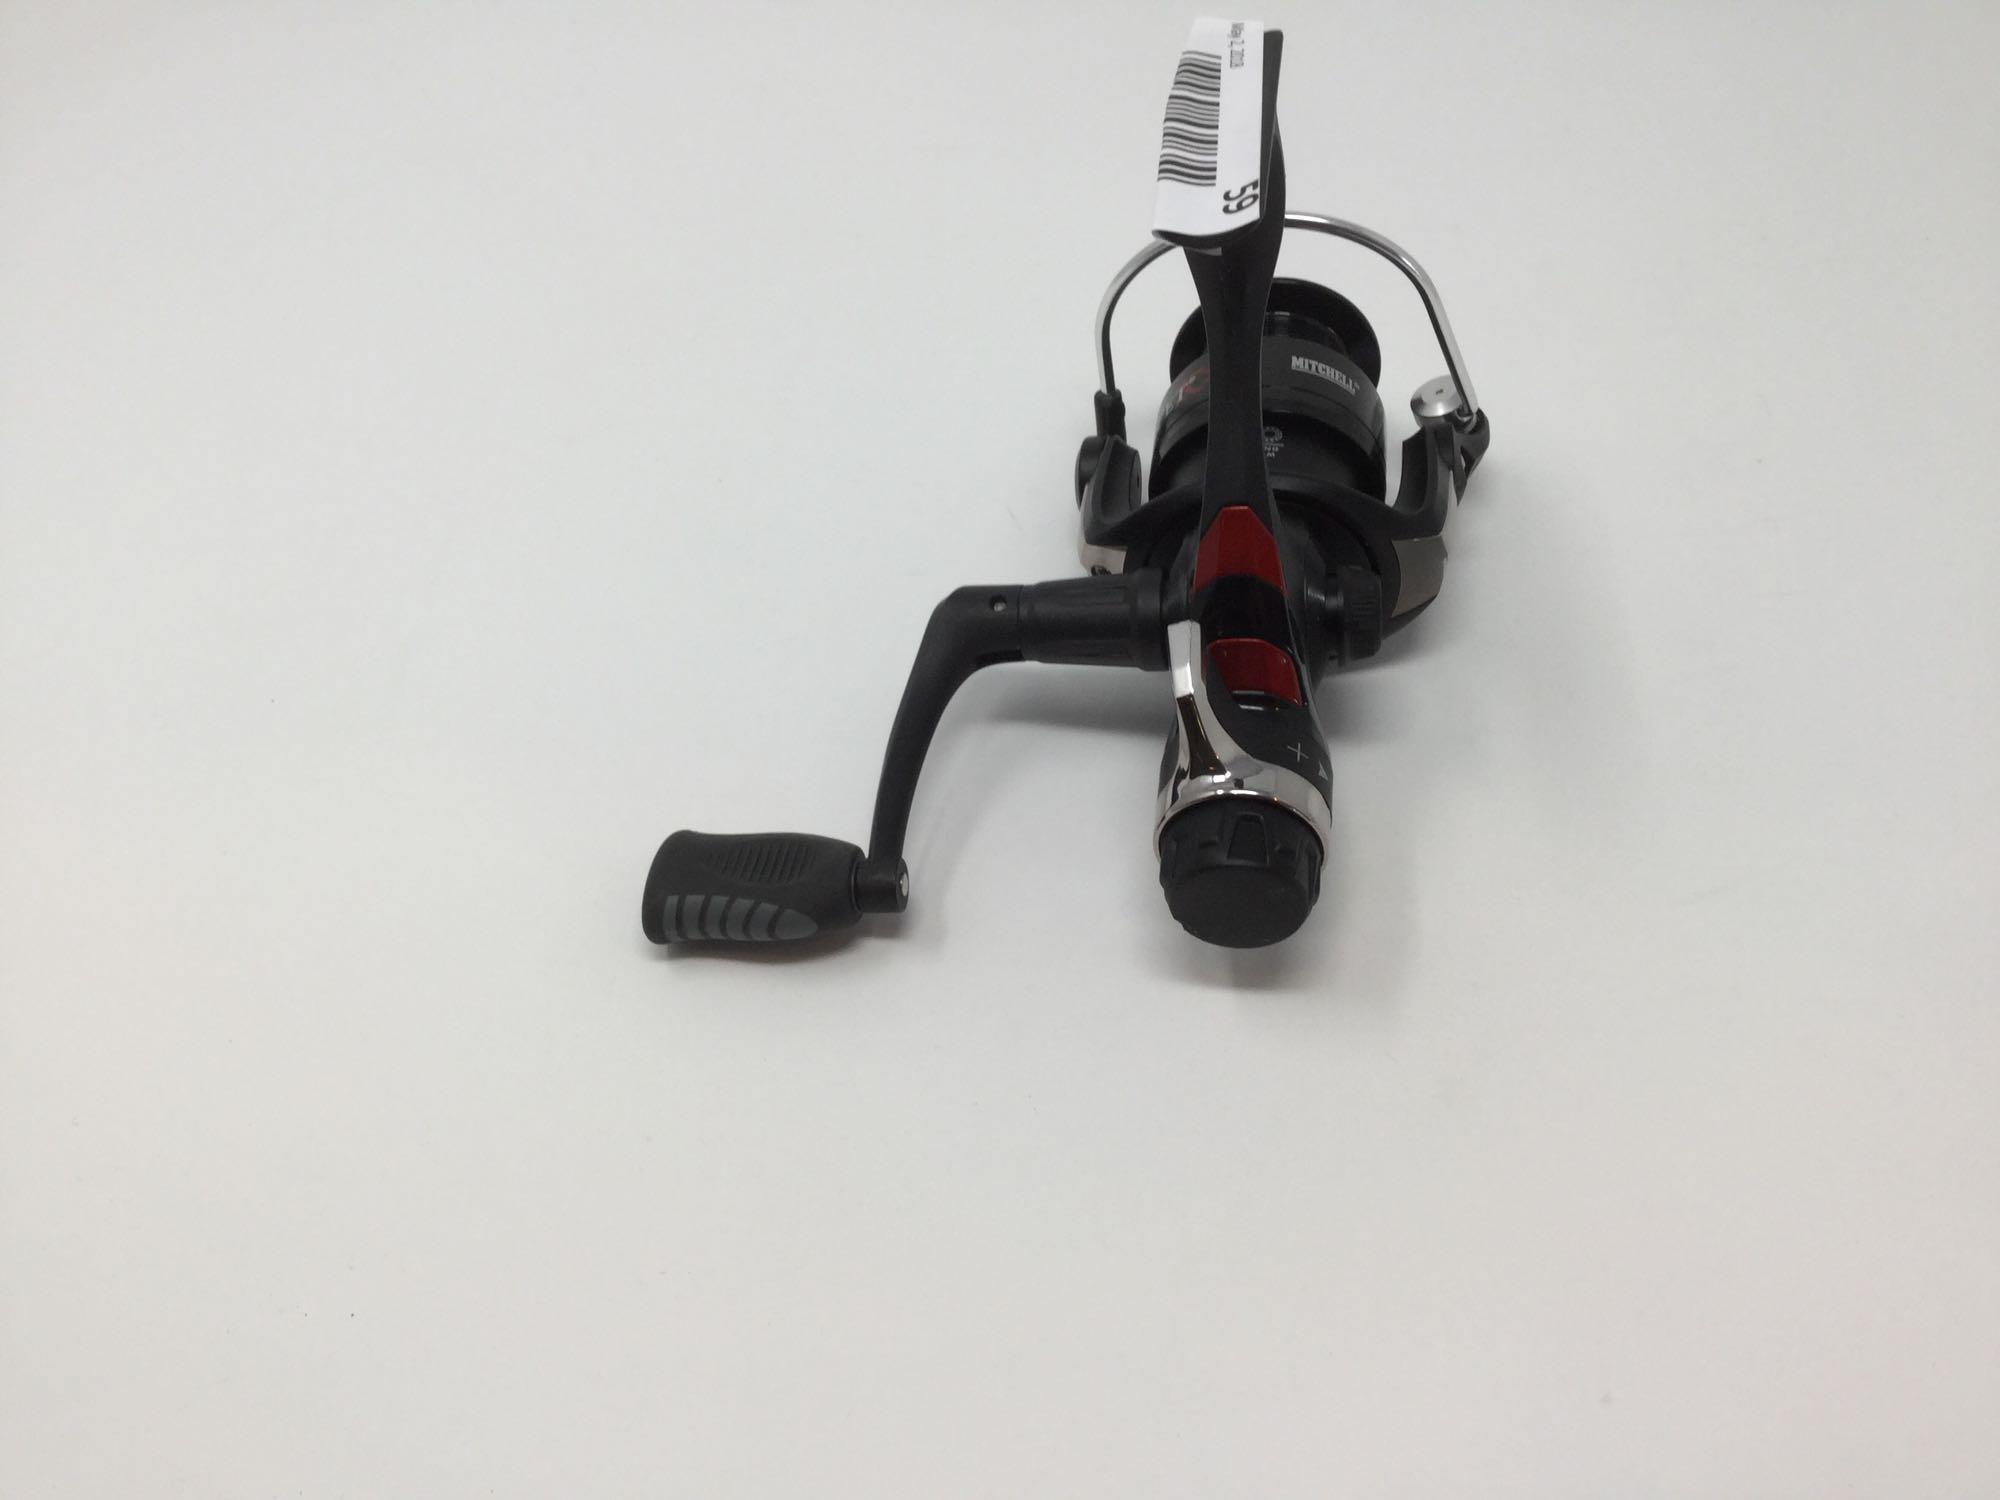 Lot 59 - Avocet RZ - 40 Bearing System Reel